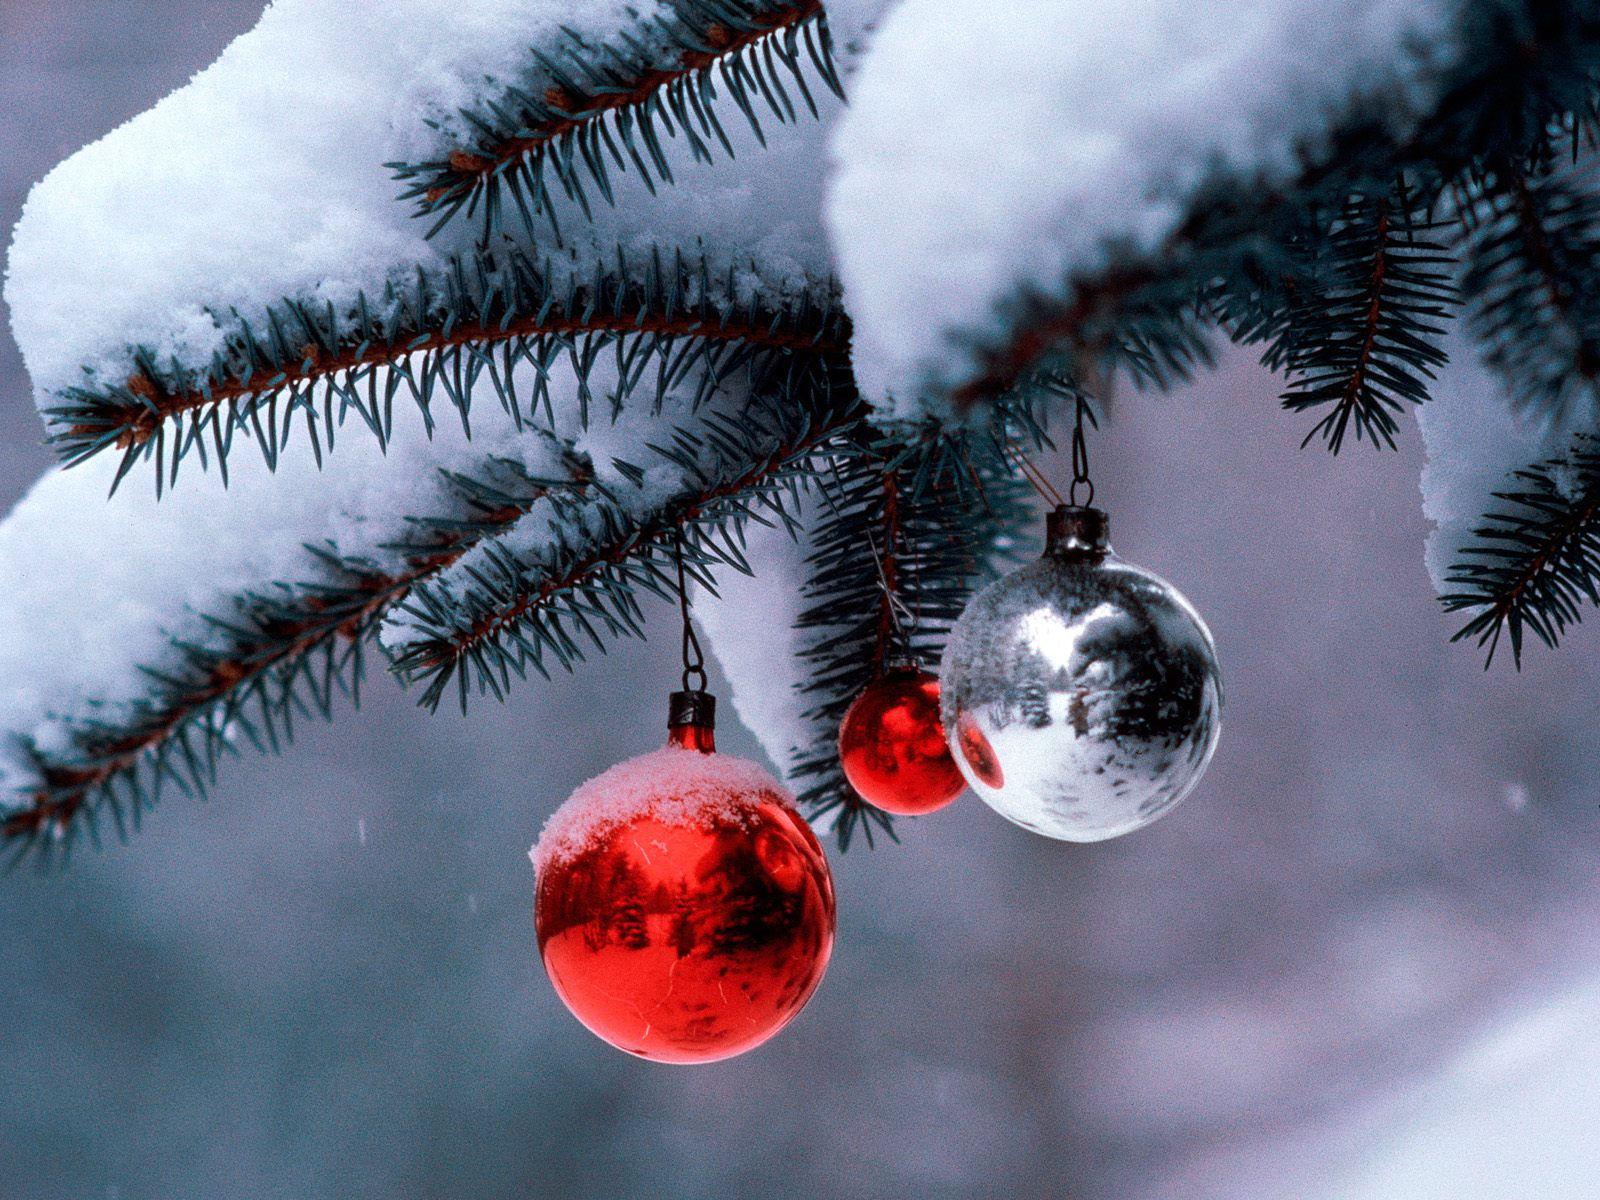 Citaten Kerst En Nieuwjaar : Solitude kerstmis citaten